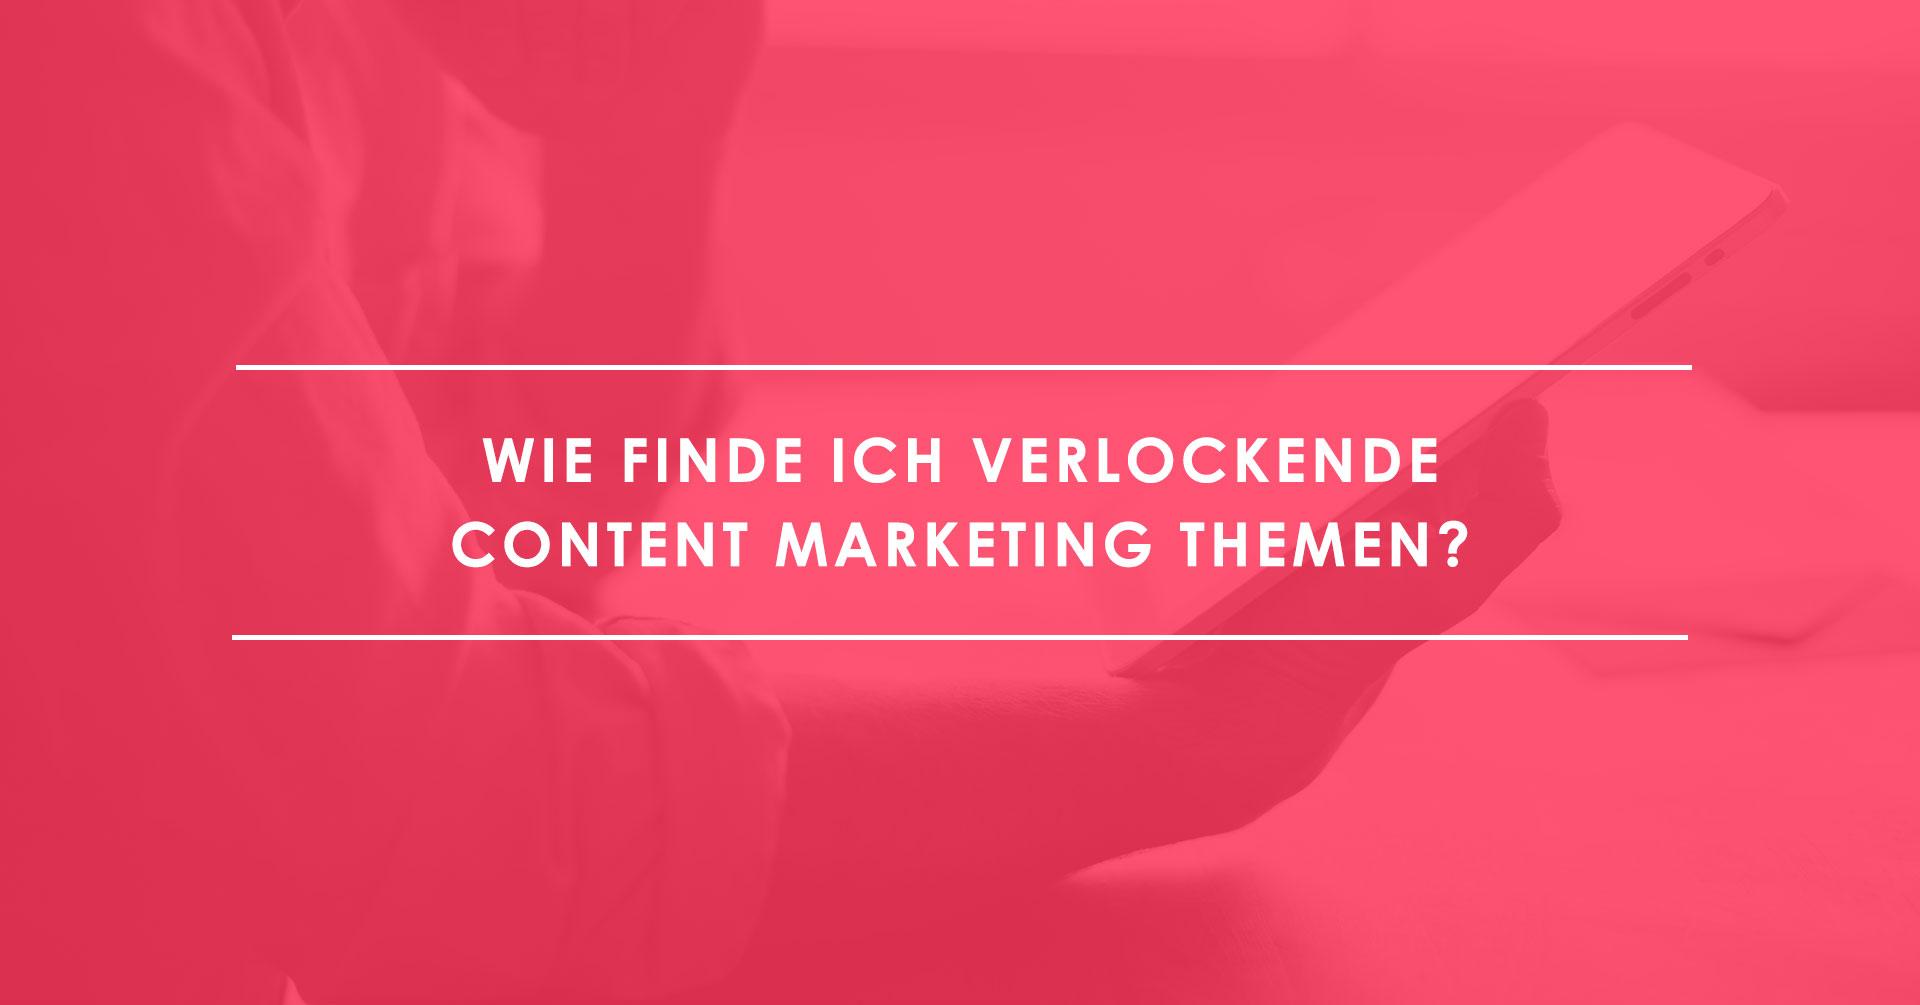 5-Tipps-für-verlockende-Content-Marketing-Themen